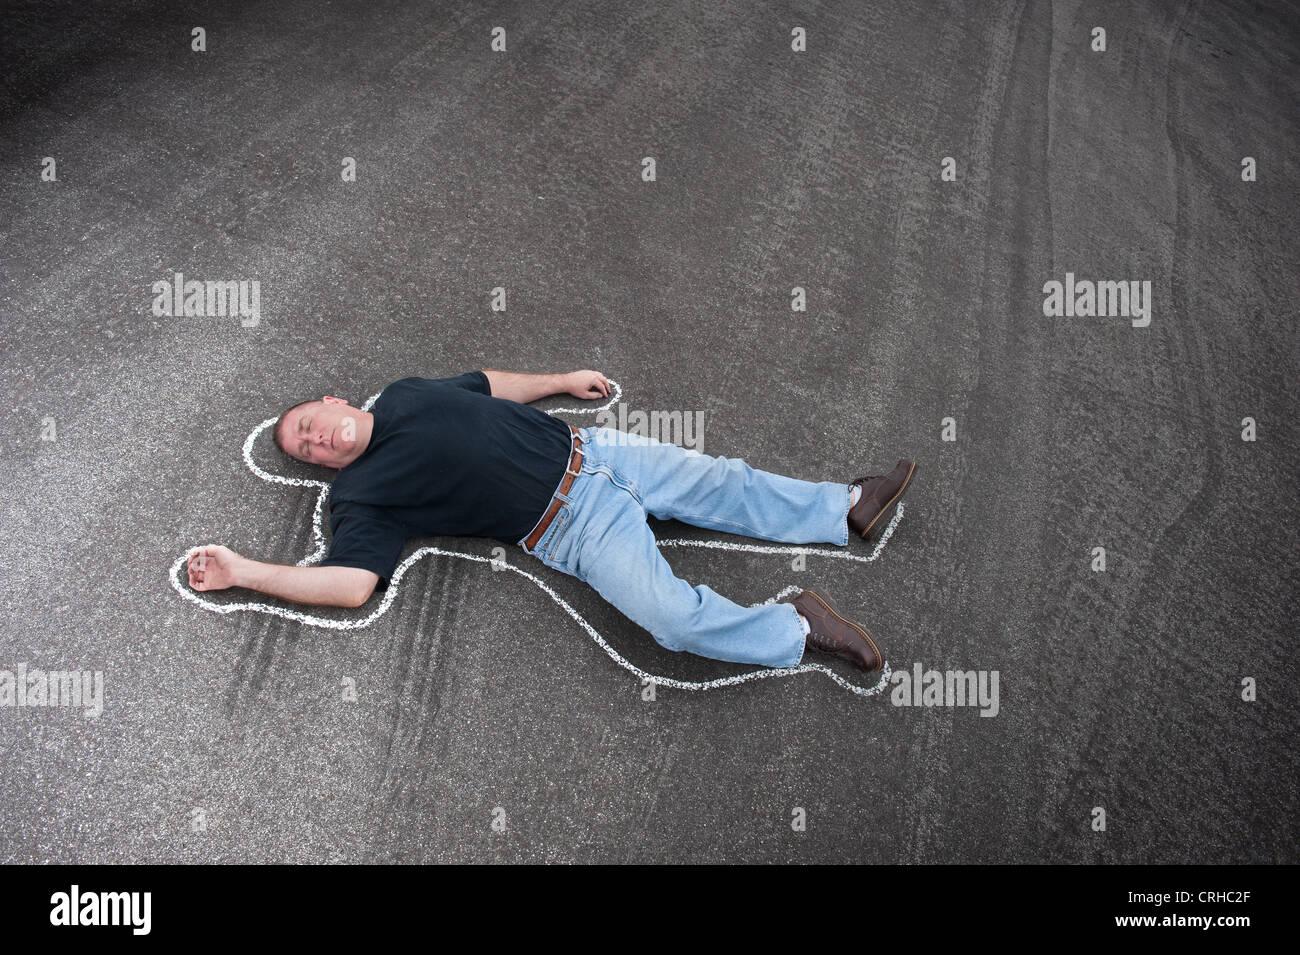 Un hombre muerto en la calle esbozadas con tiza, por investigadores de la escena del crimen. Imagen De Stock